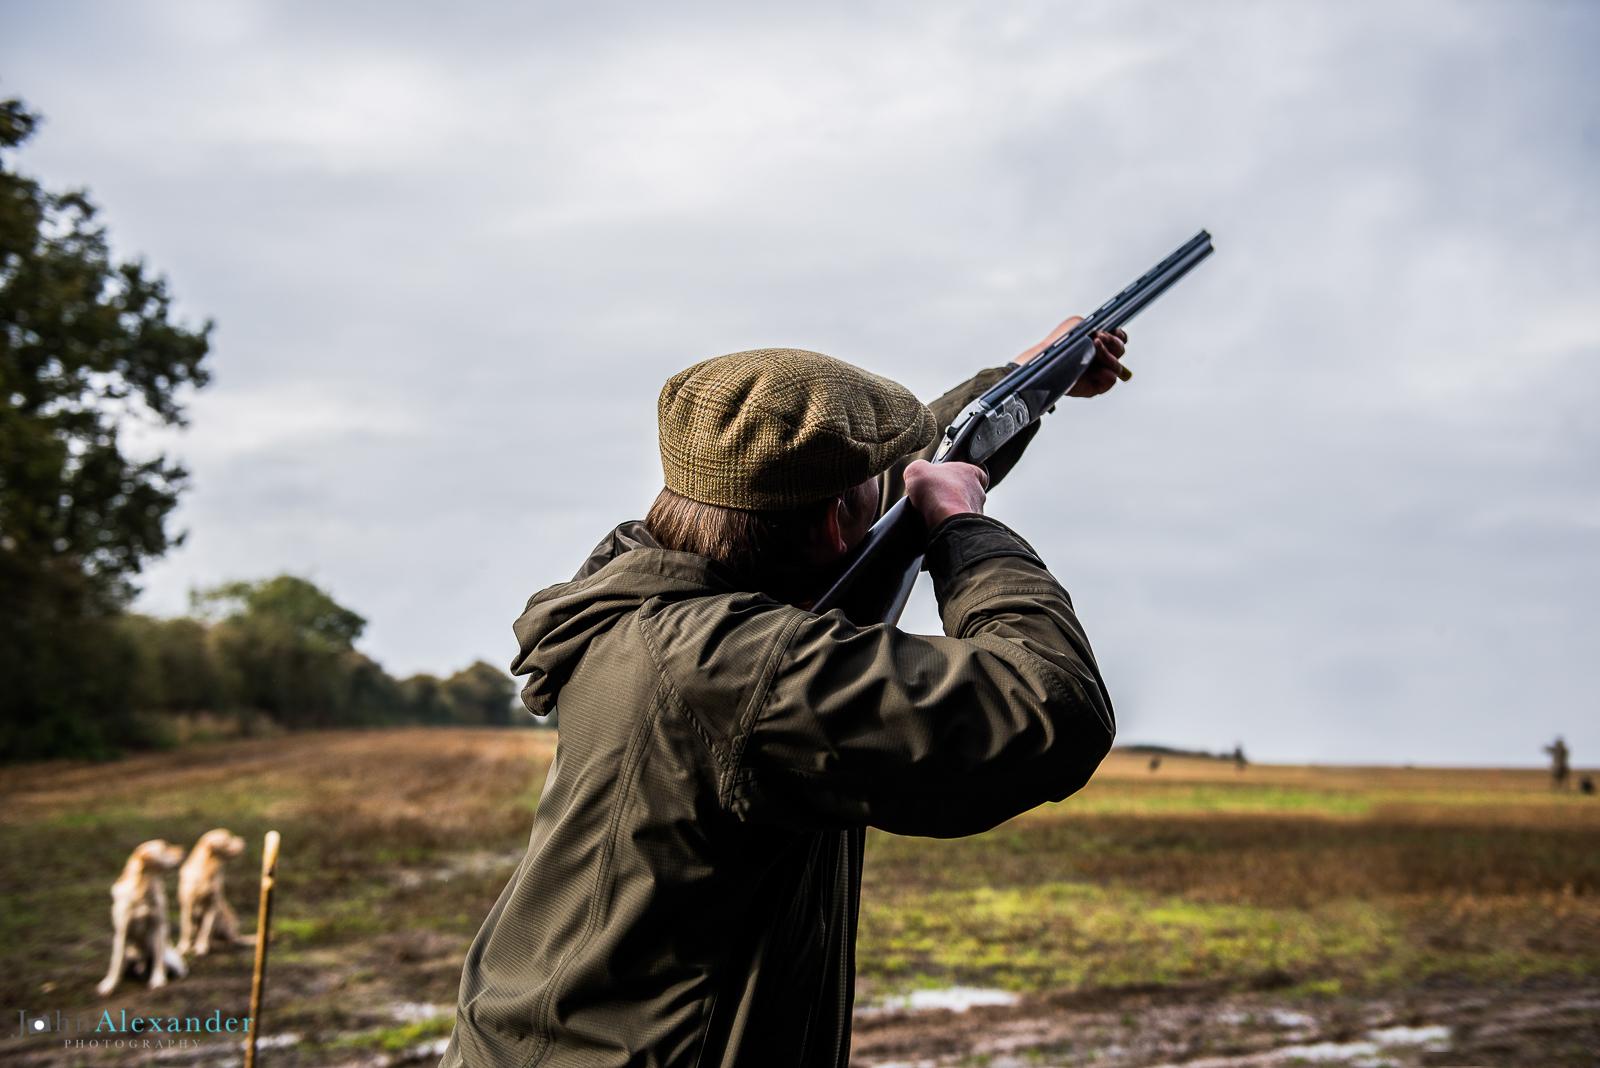 gun shooting with golden labrador gun dogs waiting by peg